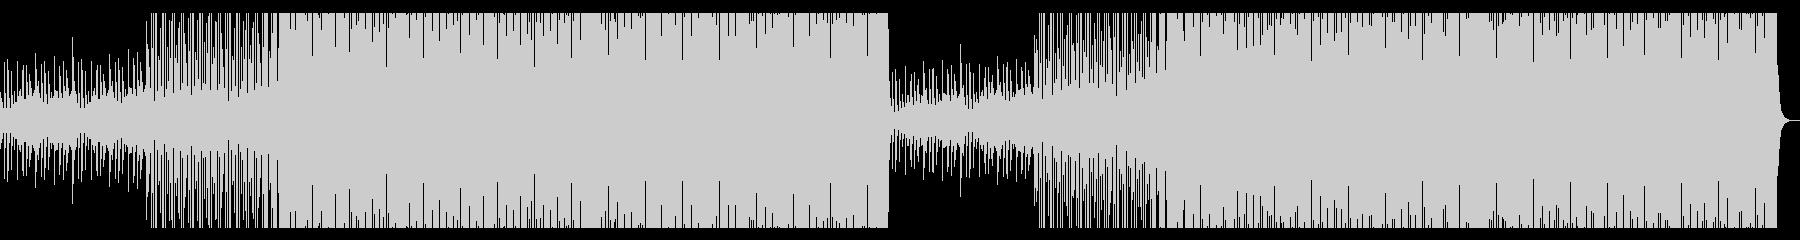 夏/海/トロピカルハウス_No375の未再生の波形